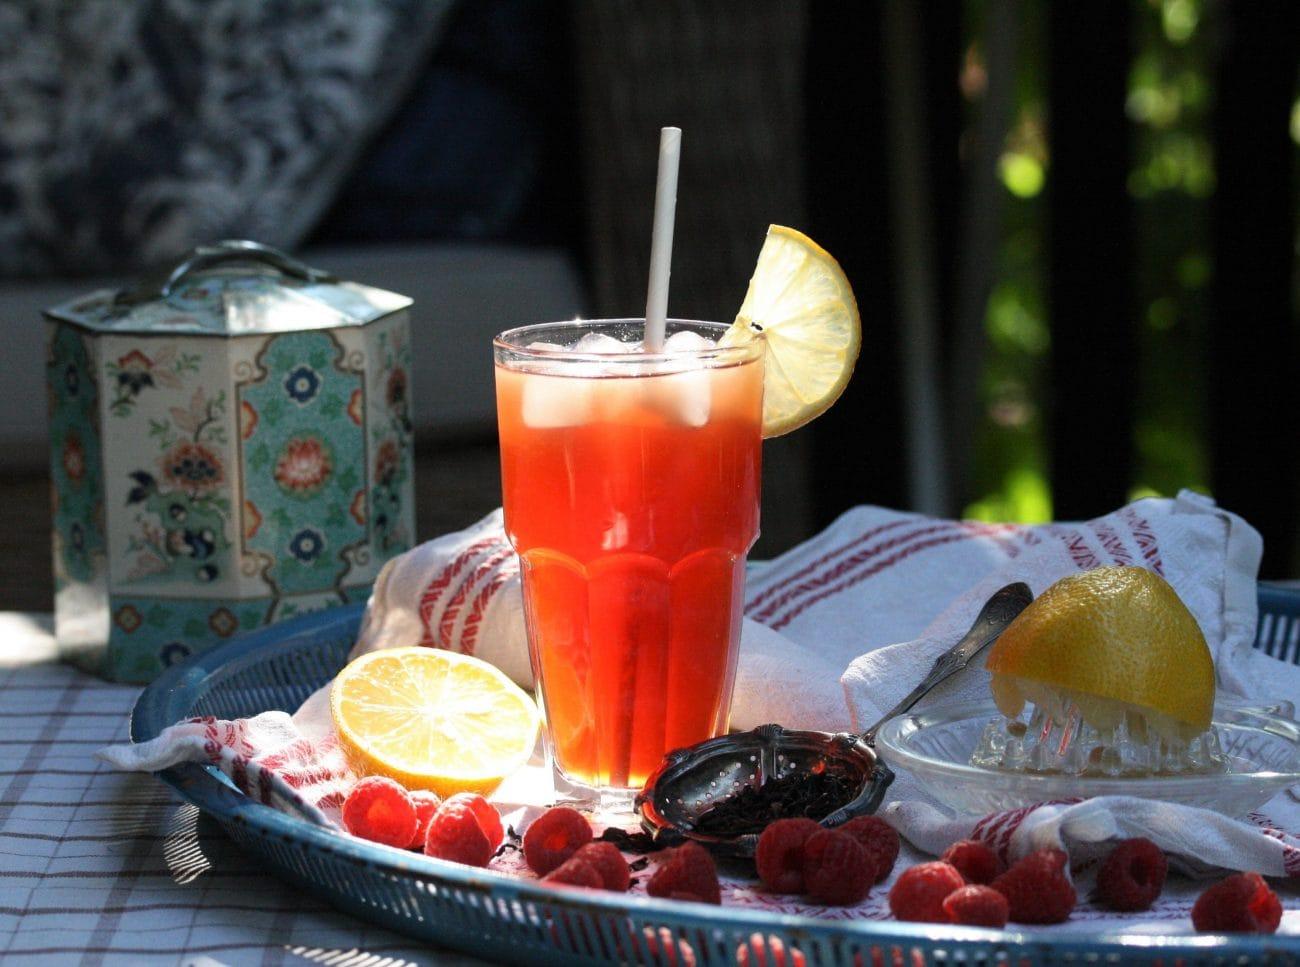 Is-te med hallon och citron